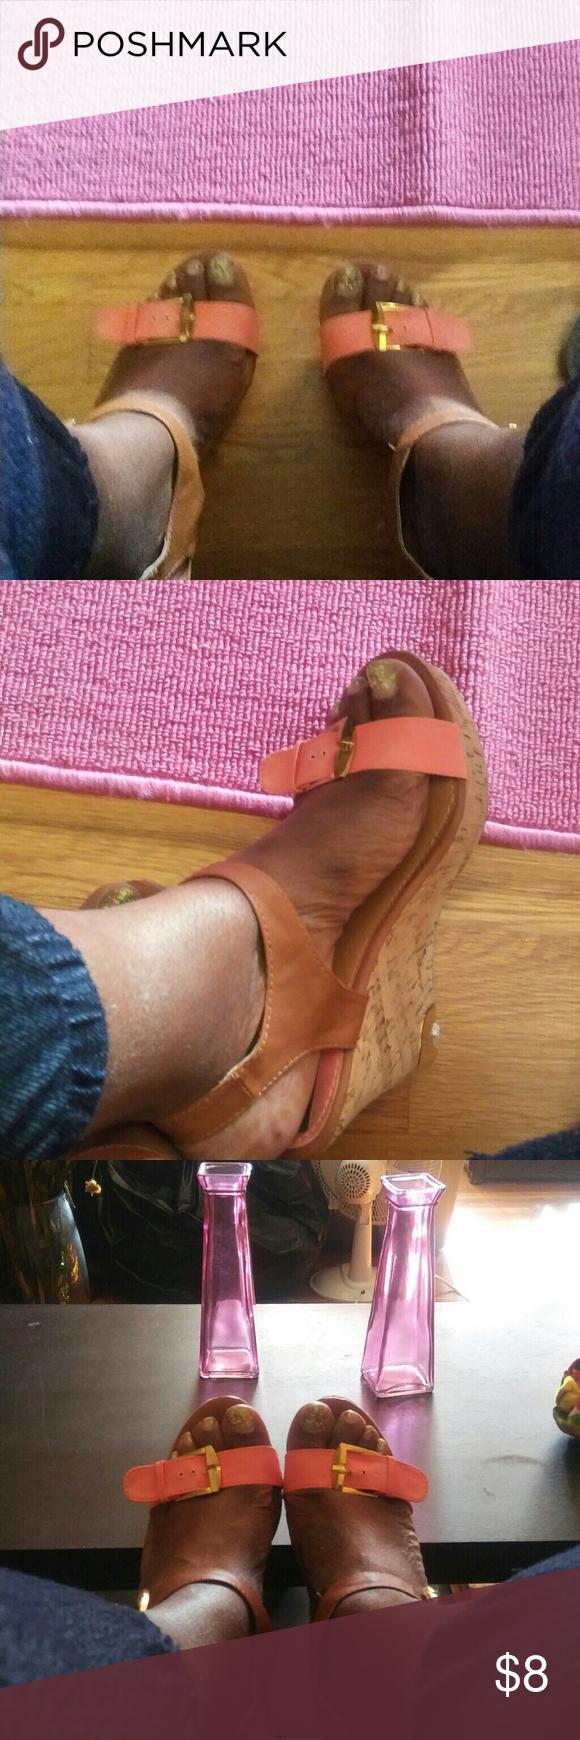 Cute wedges Cute wedges Shoes Wedges